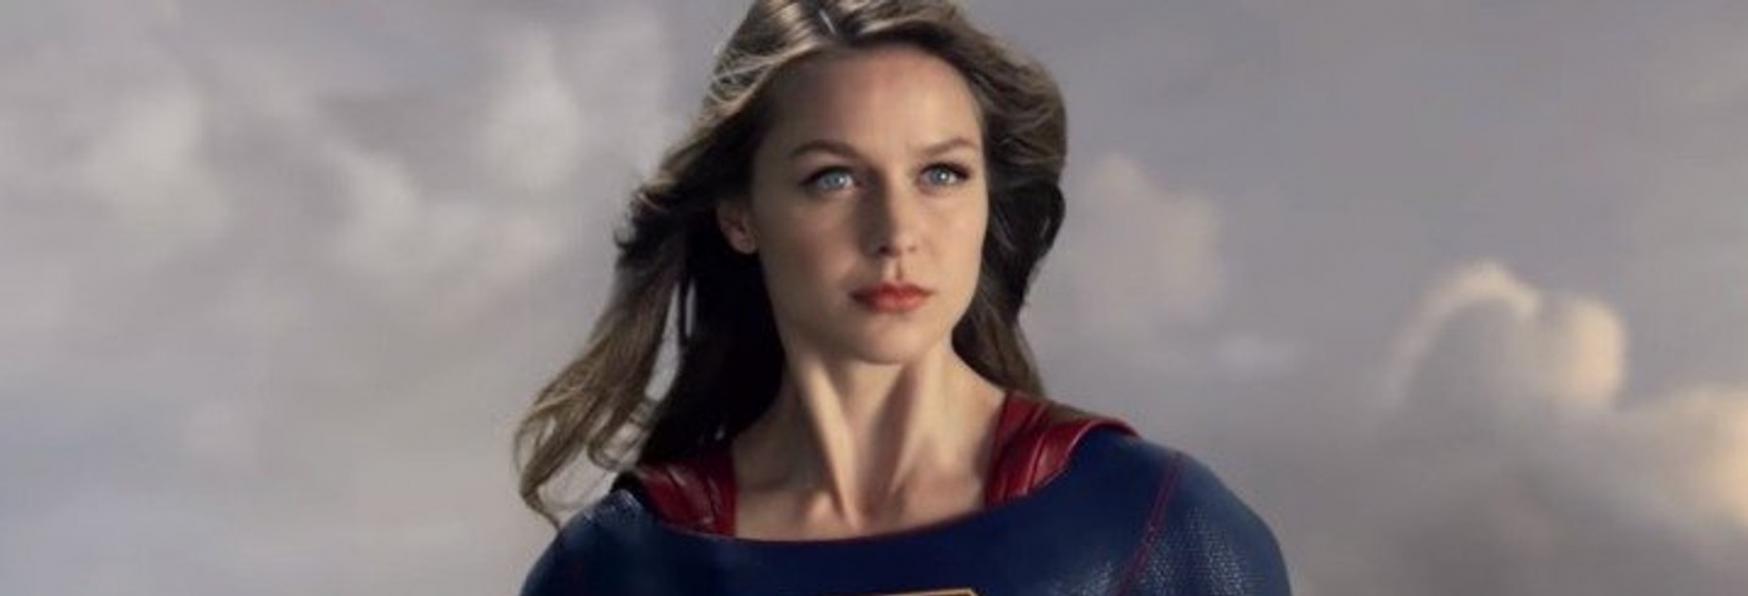 Supergirl 6B: la Trama, il Cast, la Data, il Trailer e le altre Anticipazioni sugli ultimi episodi